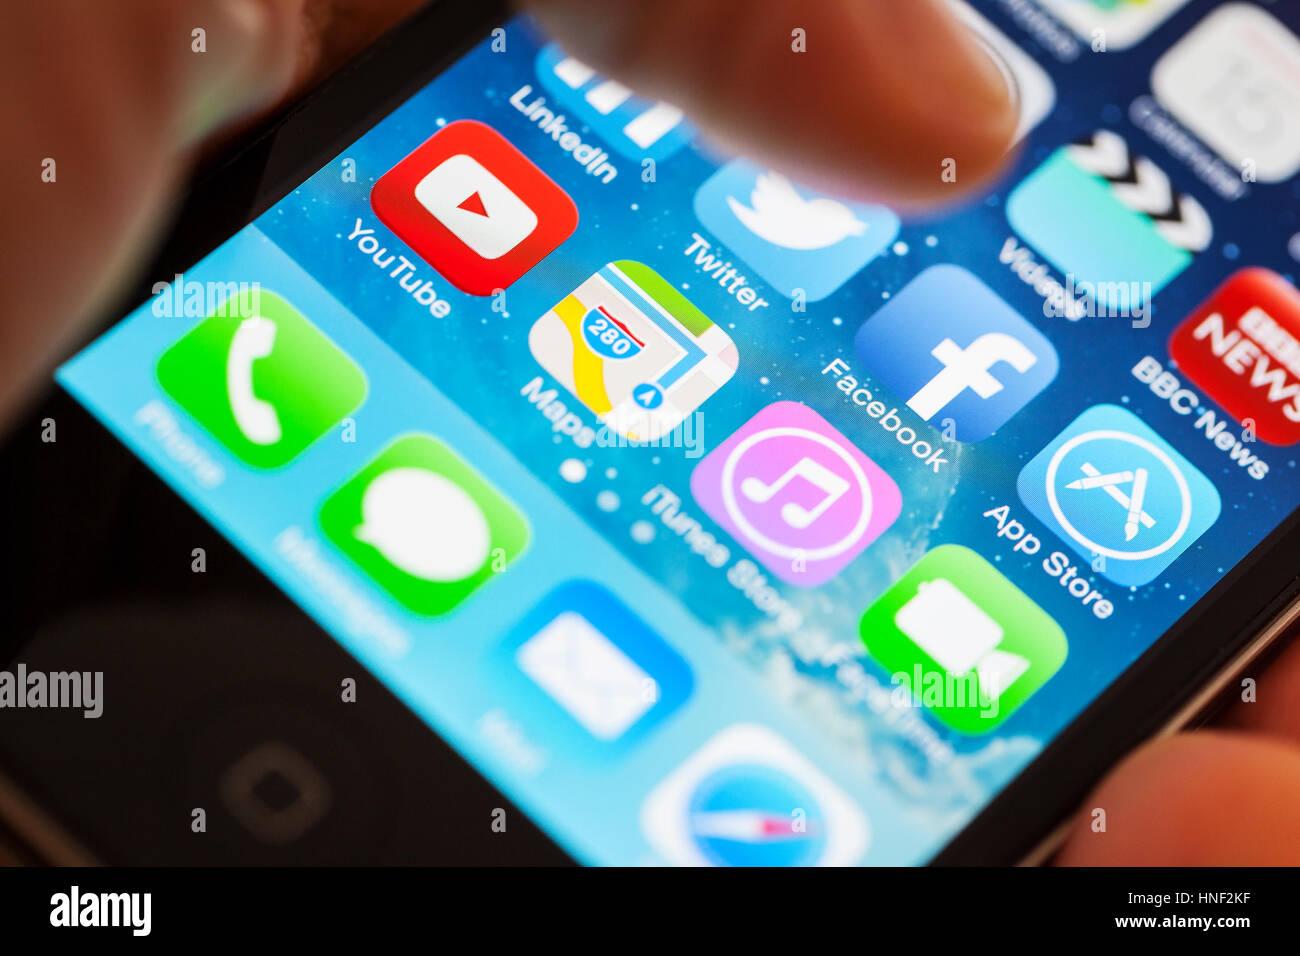 BATH, Royaume-Uni - 15 janvier 2014: un Apple iPhone 4s écran avec un pouce humain planant au-dessus Photo Stock